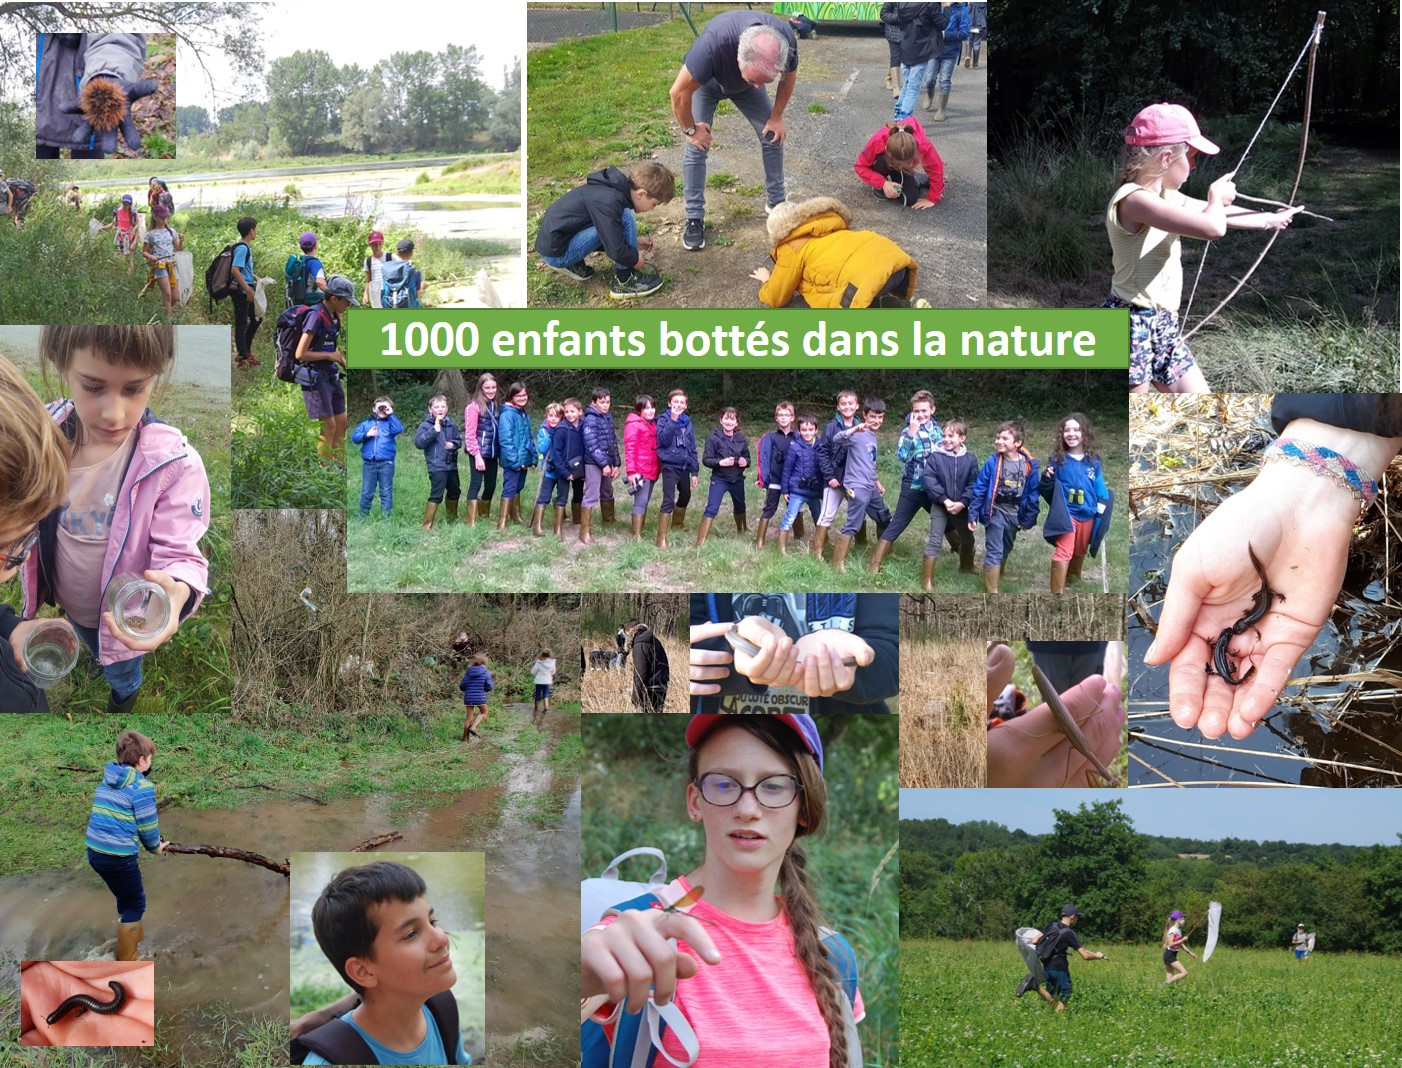 1000 enfants bottés dans la nature